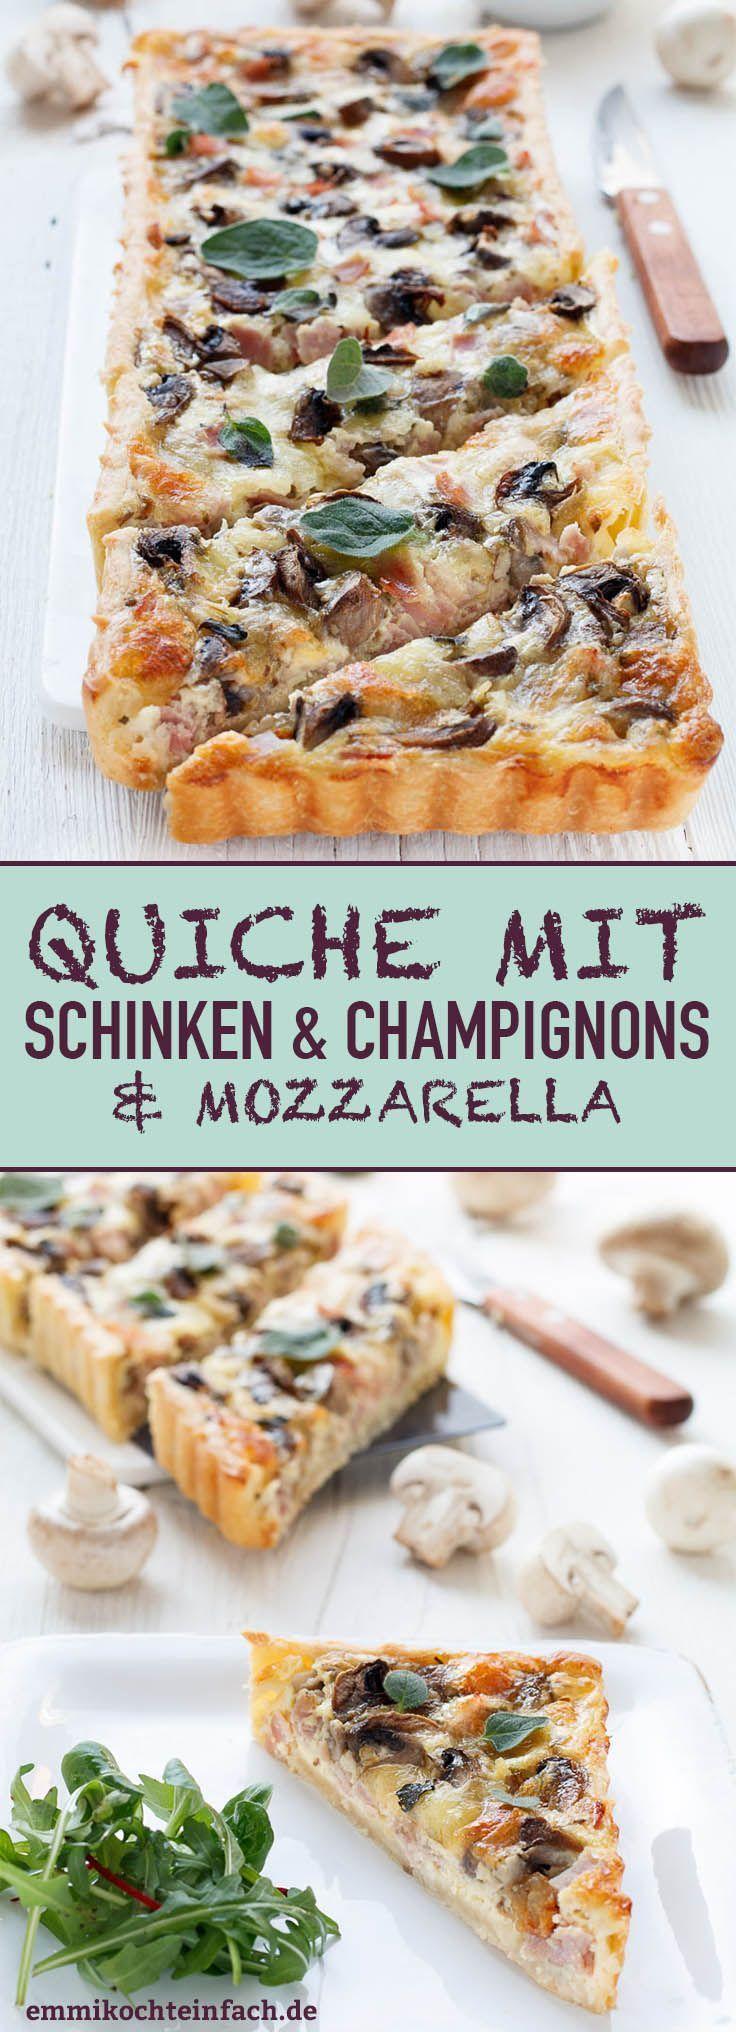 Quiche mit Schinken, Champignons und Mozzarella - emmikochteinfach